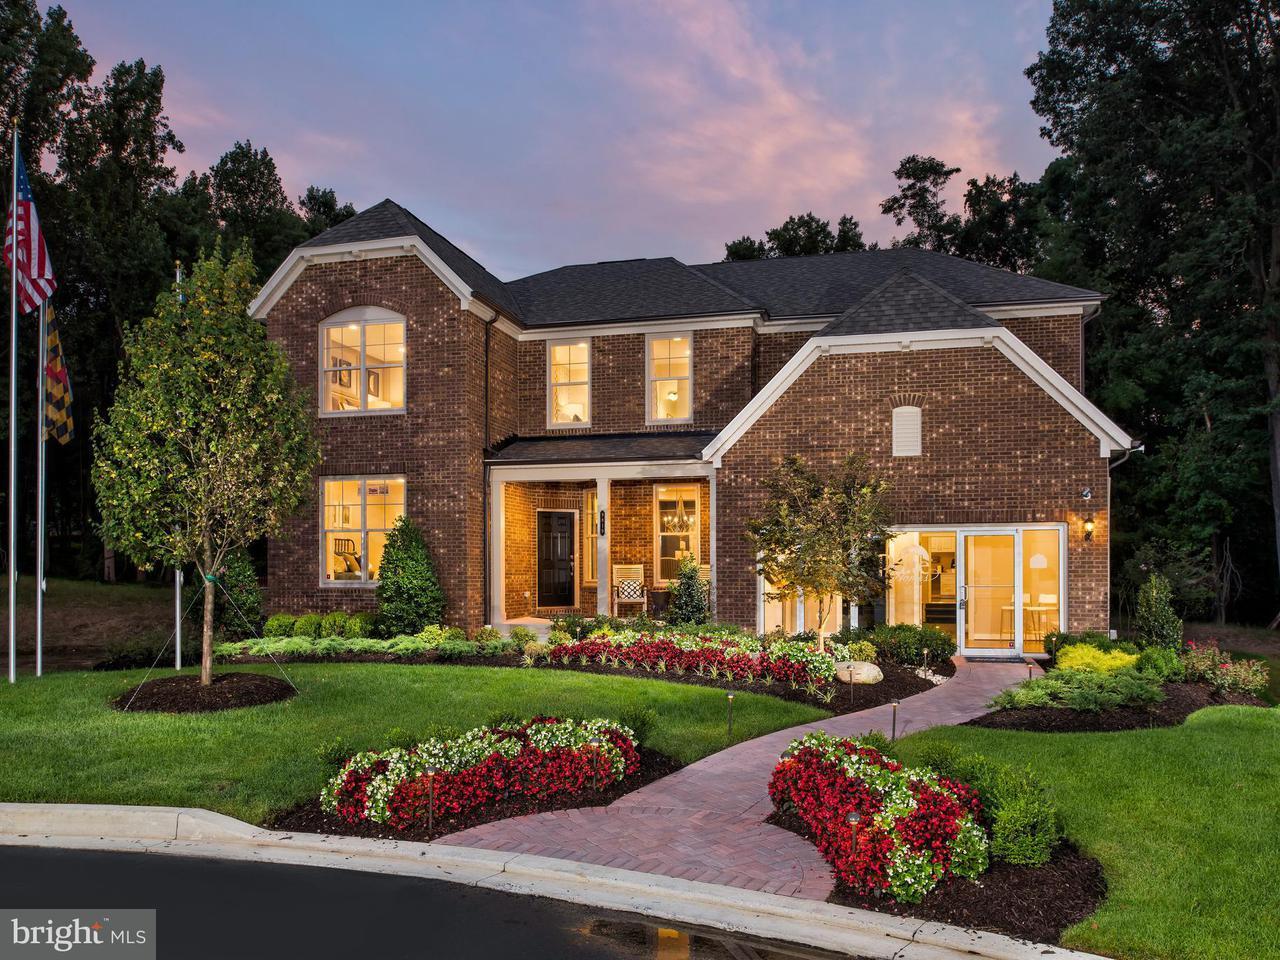 Einfamilienhaus für Verkauf beim 9819 SOAPSTONE TRL #02 9819 SOAPSTONE TRL #02 Ellicott City, Maryland 21043 Vereinigte Staaten